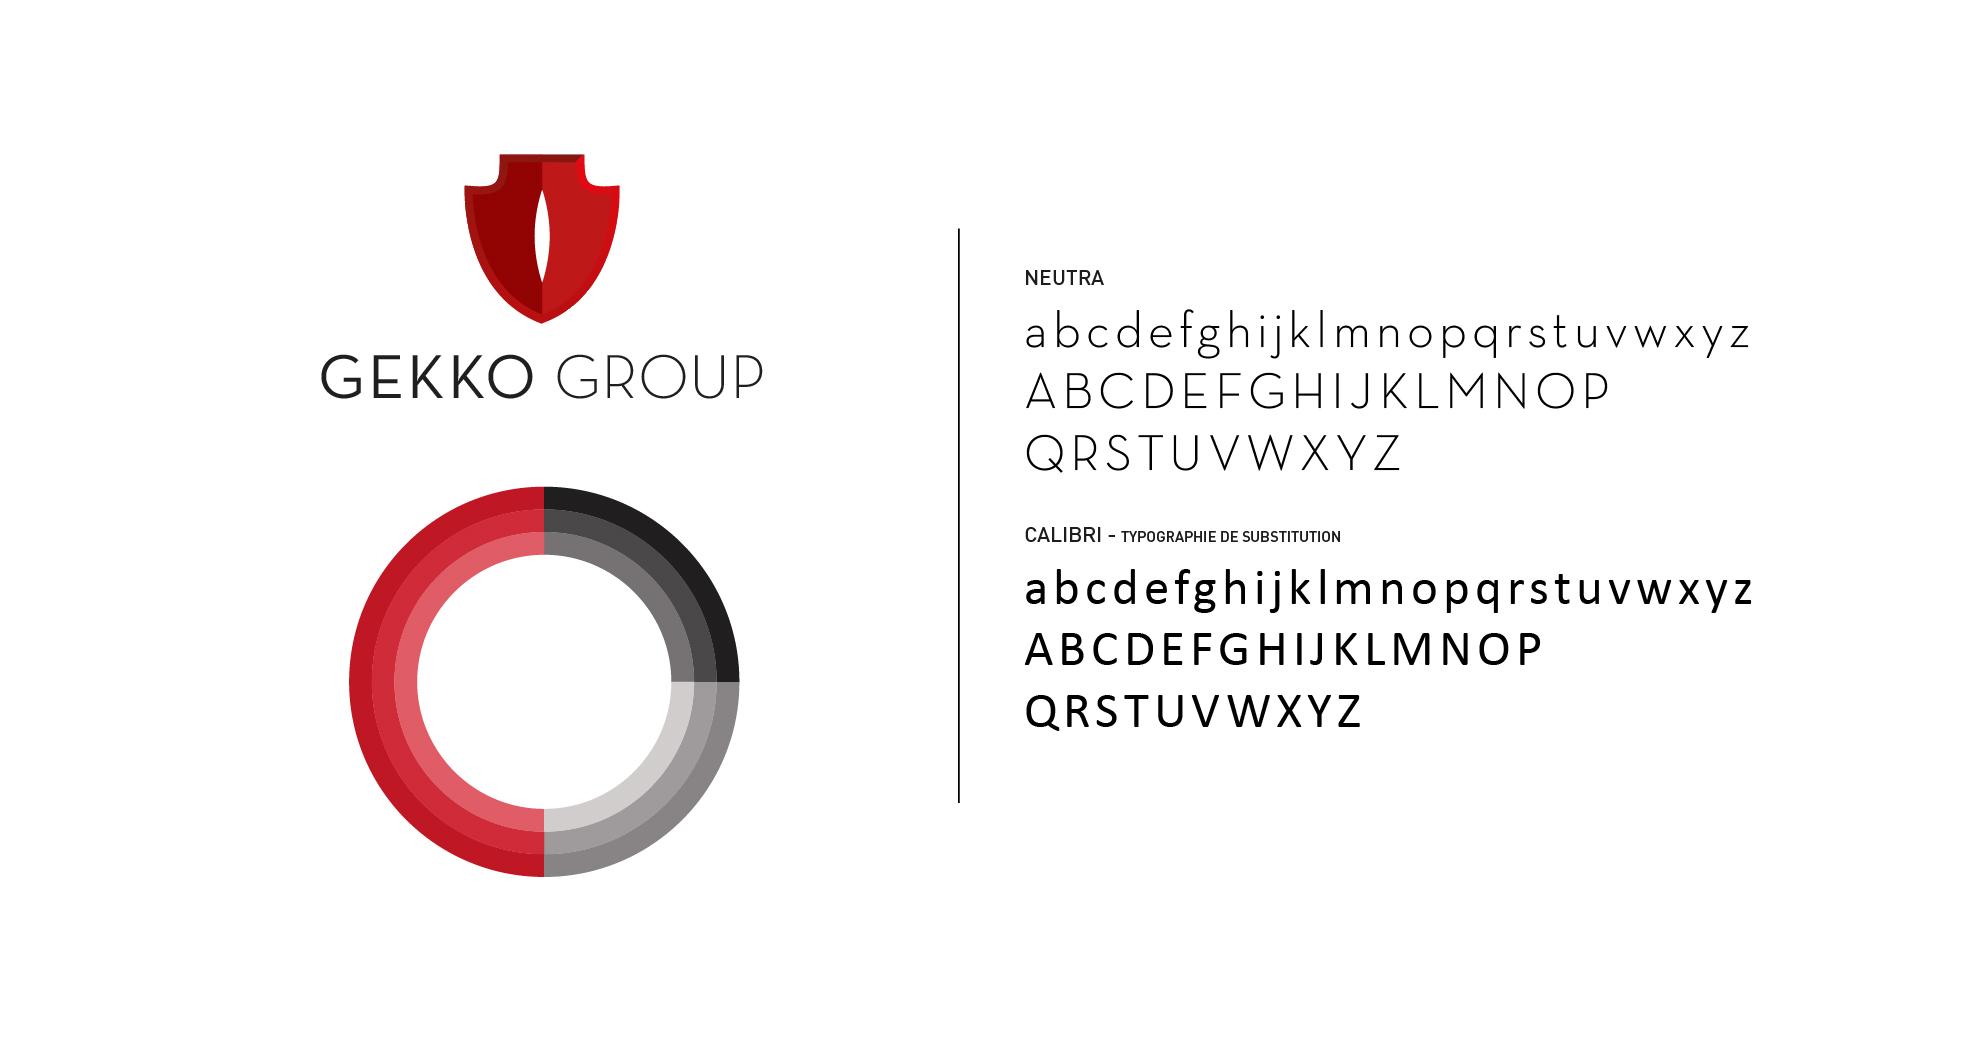 GEKKO-G-LOGO-08